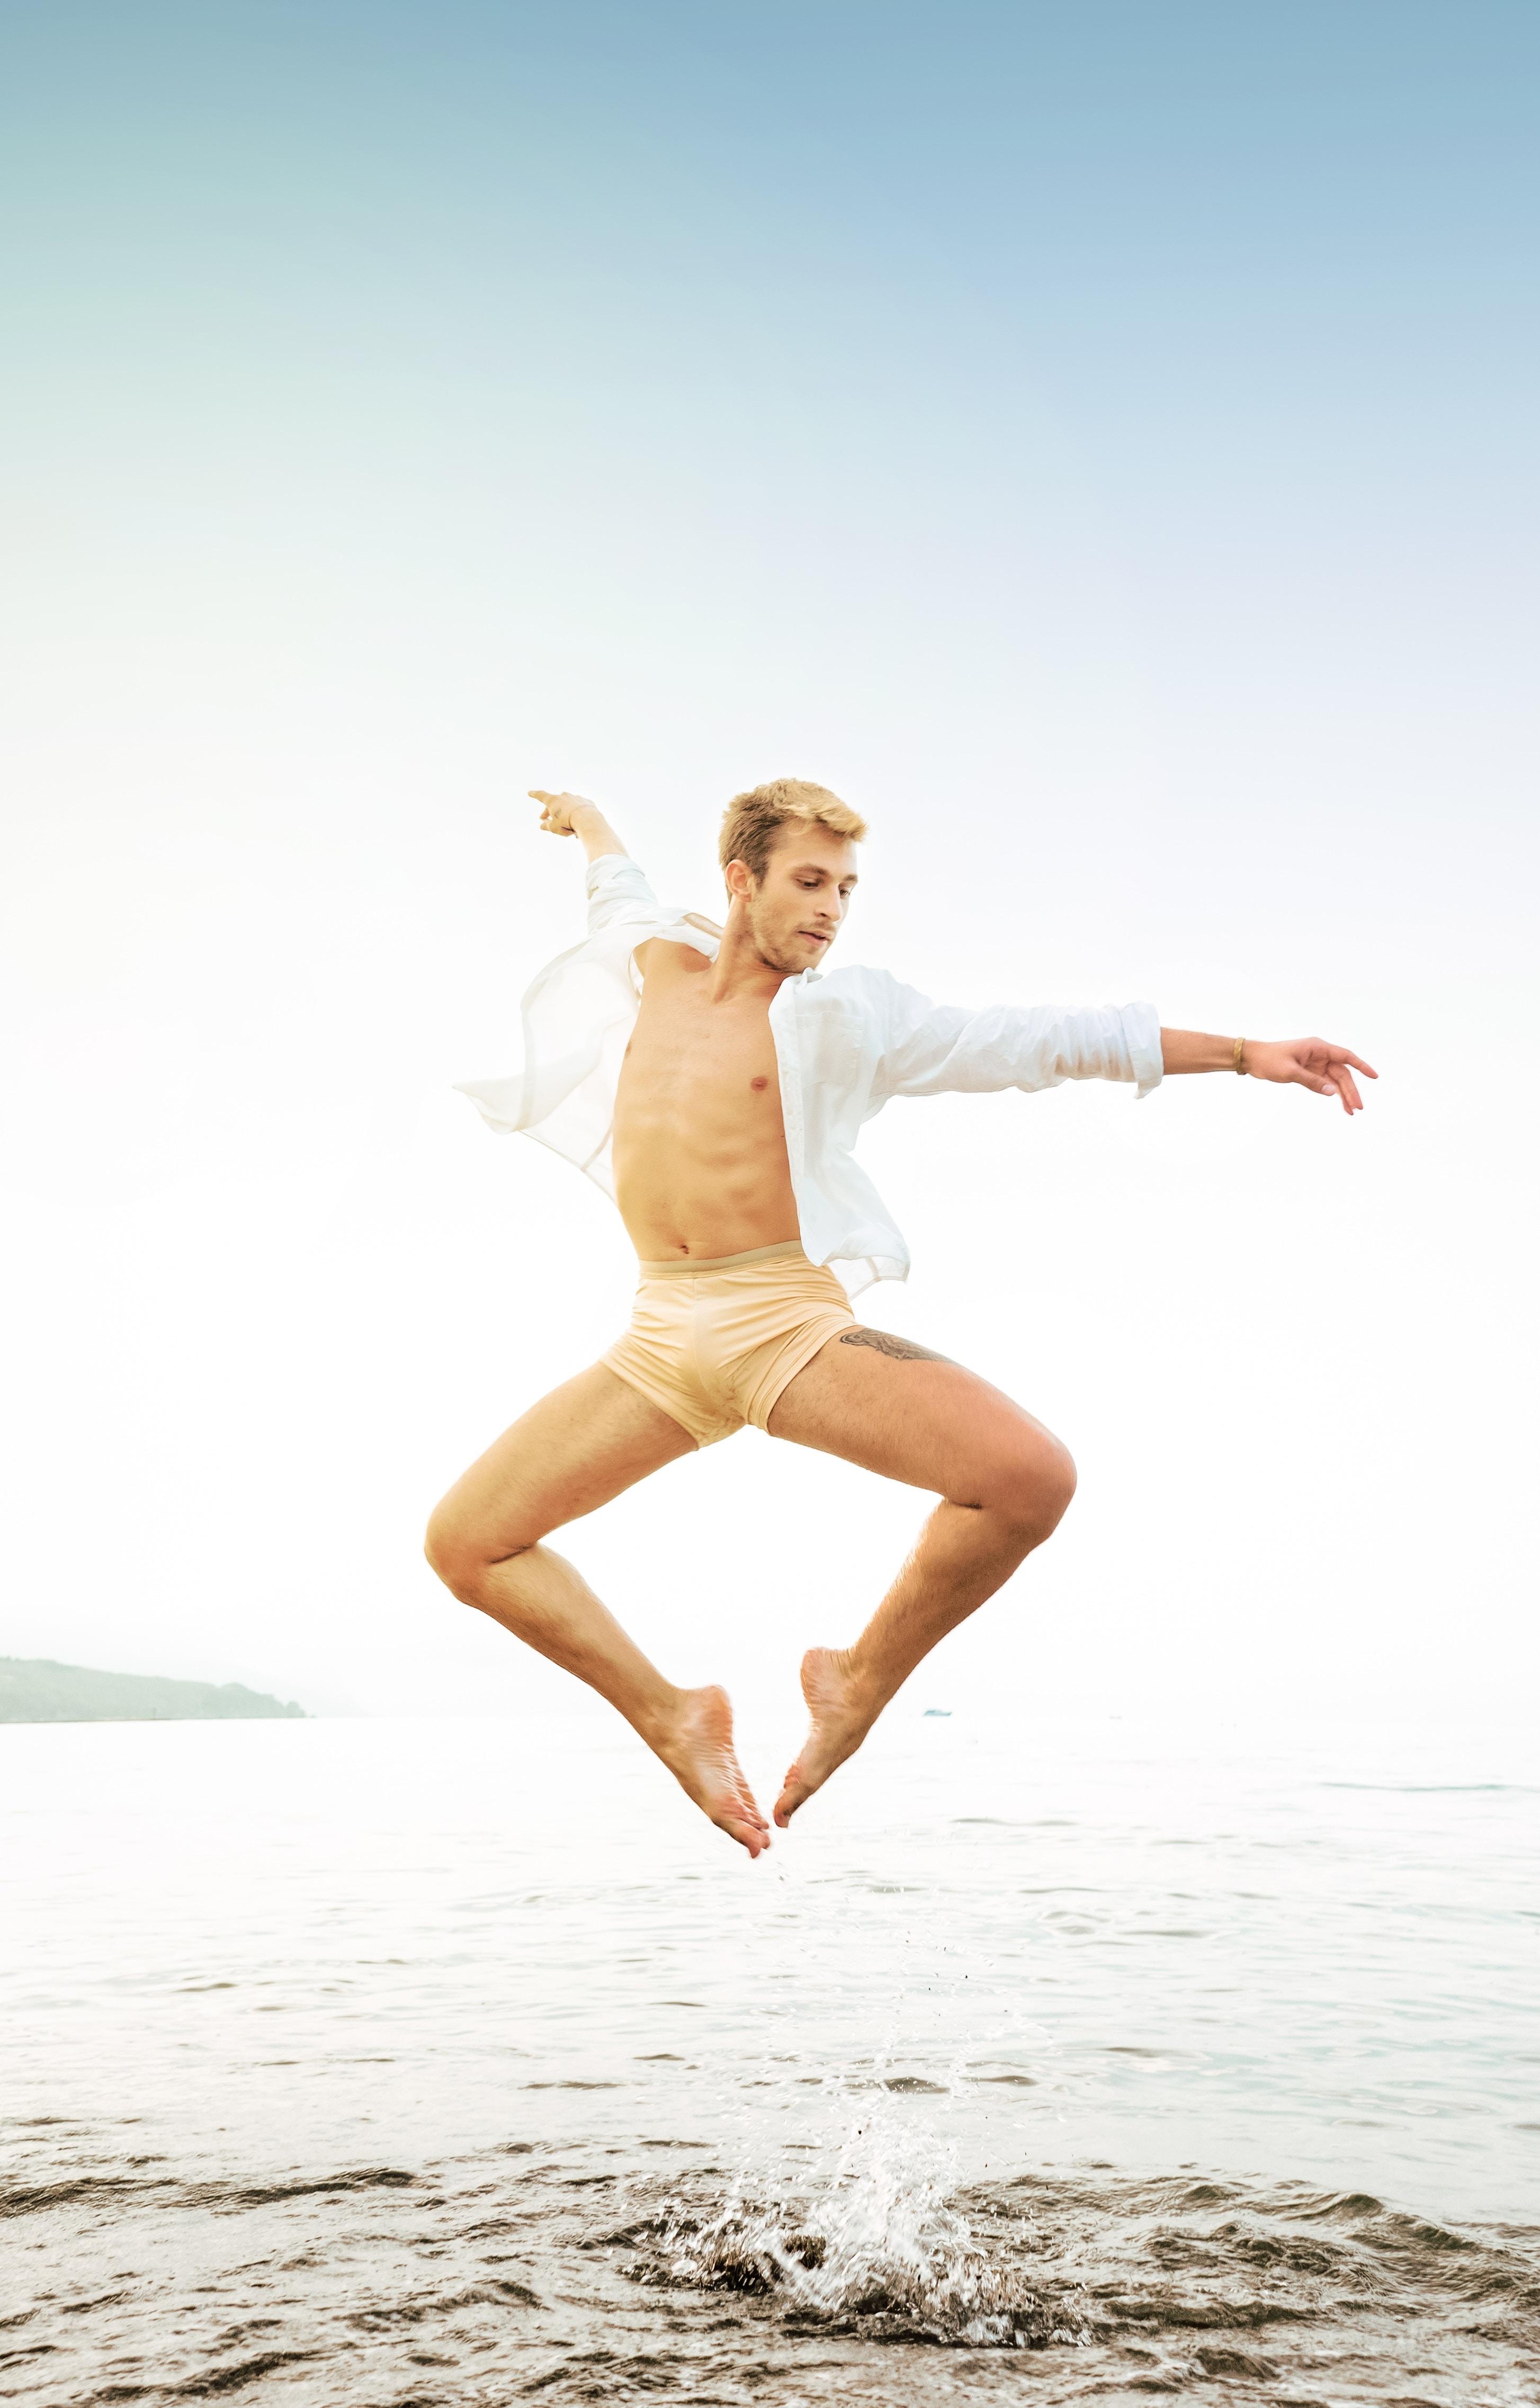 man jumping near seashore